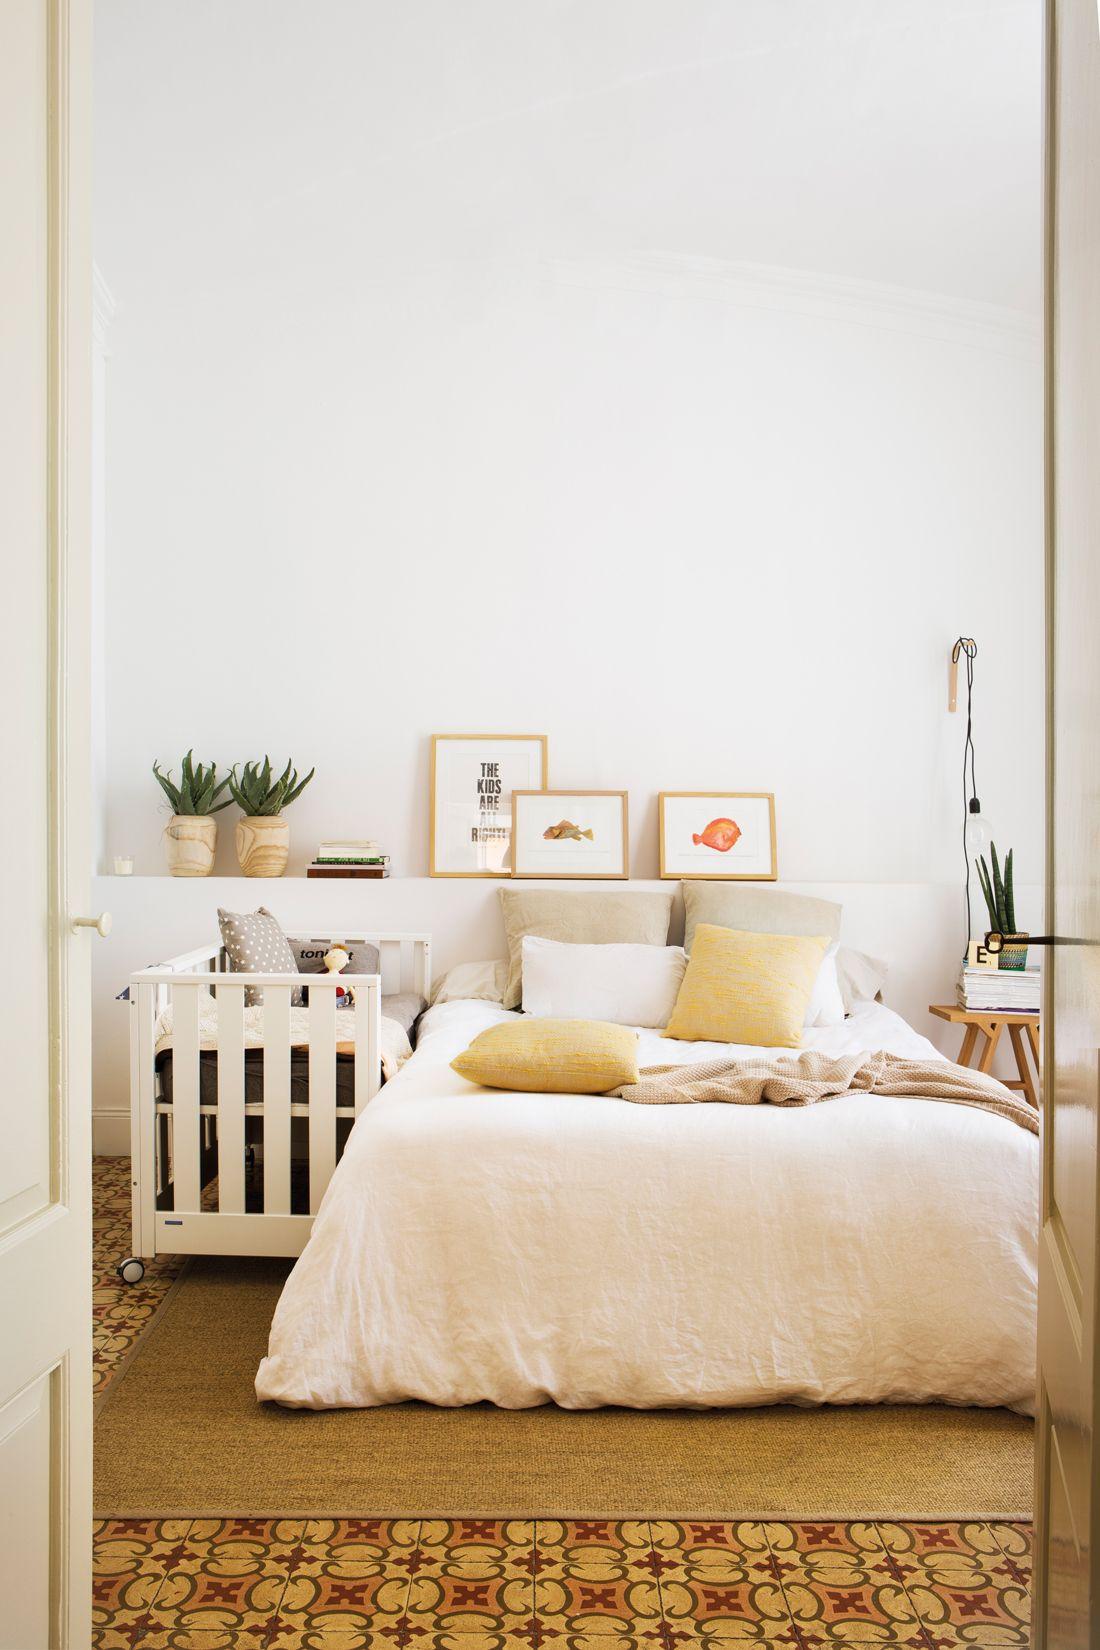 00438431. Dormitorio con mueble cabecero blanco, cuadros y cuna ...